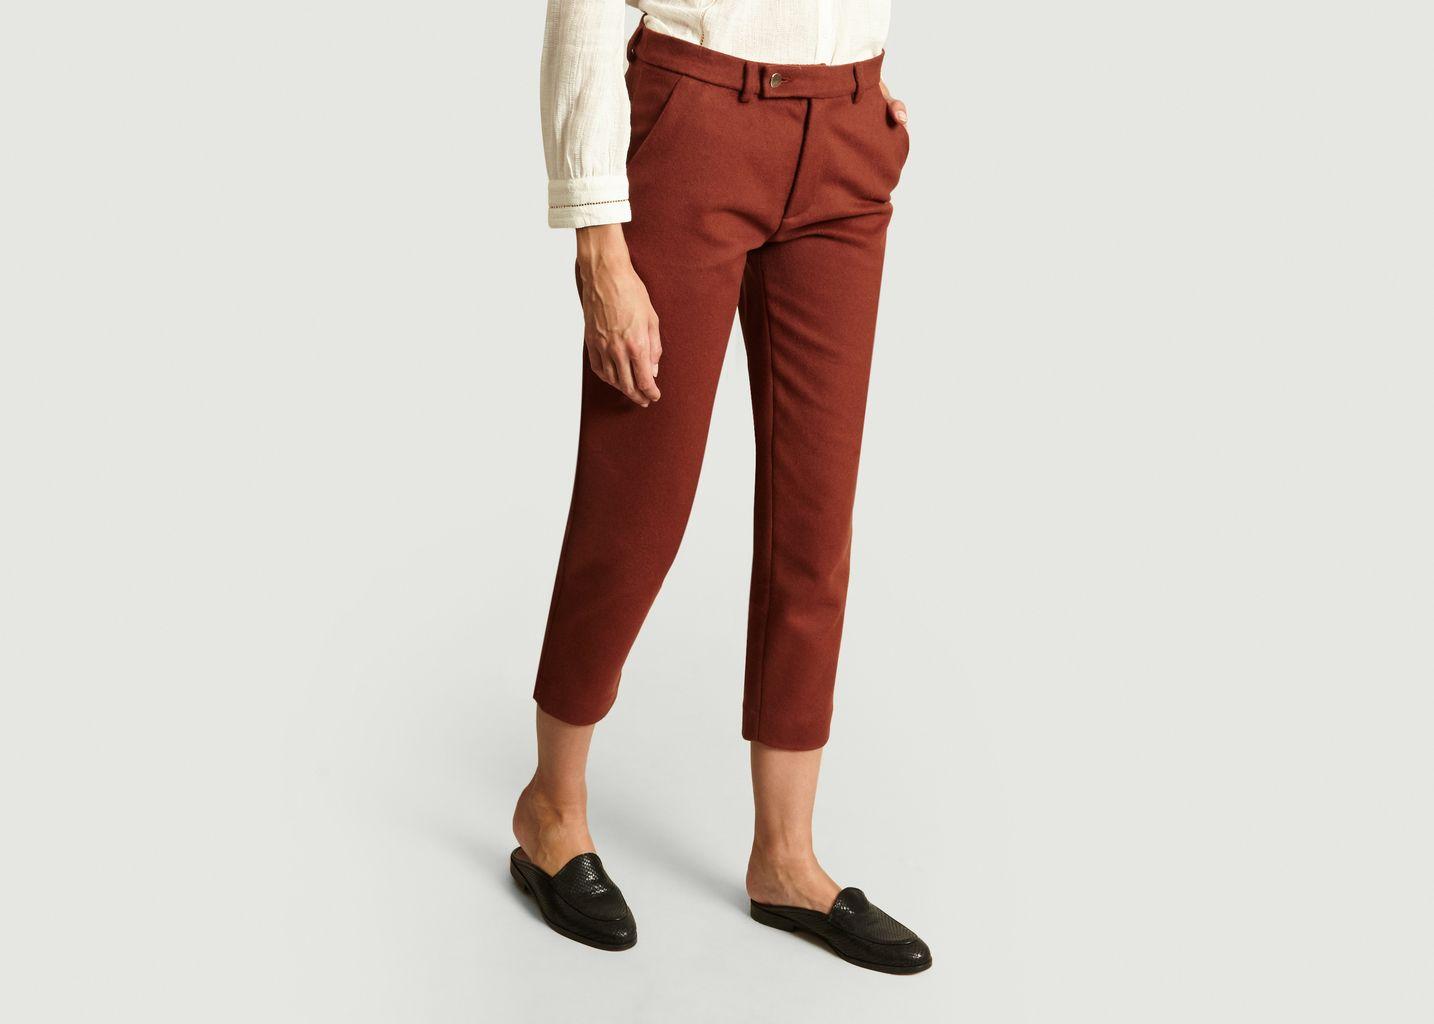 Pantalon DukeJanet - Roseanna